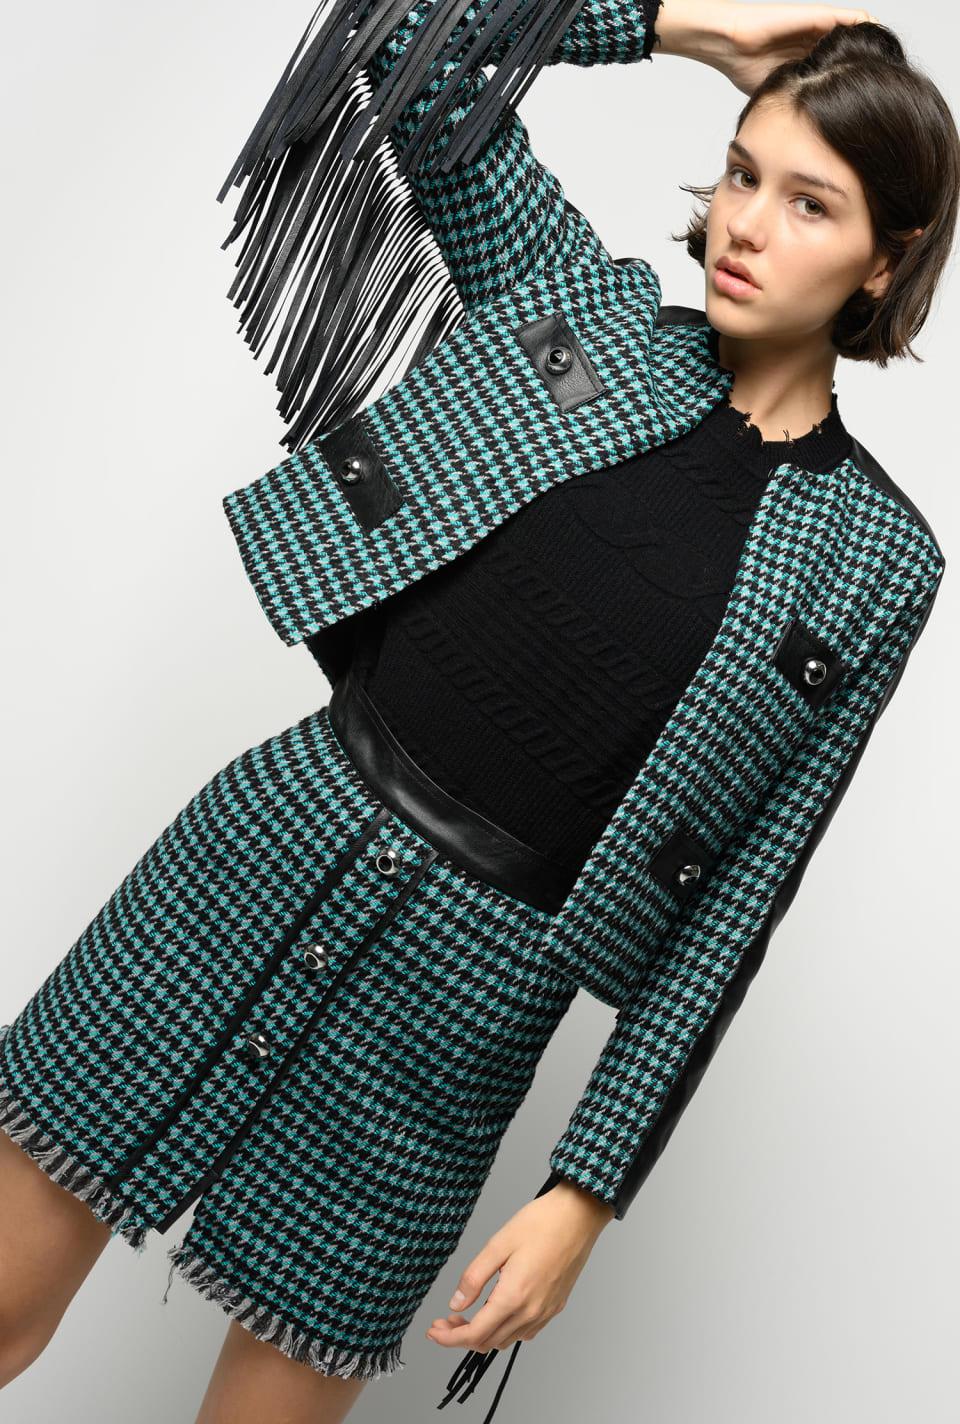 Tweed miniskirt - Pinko